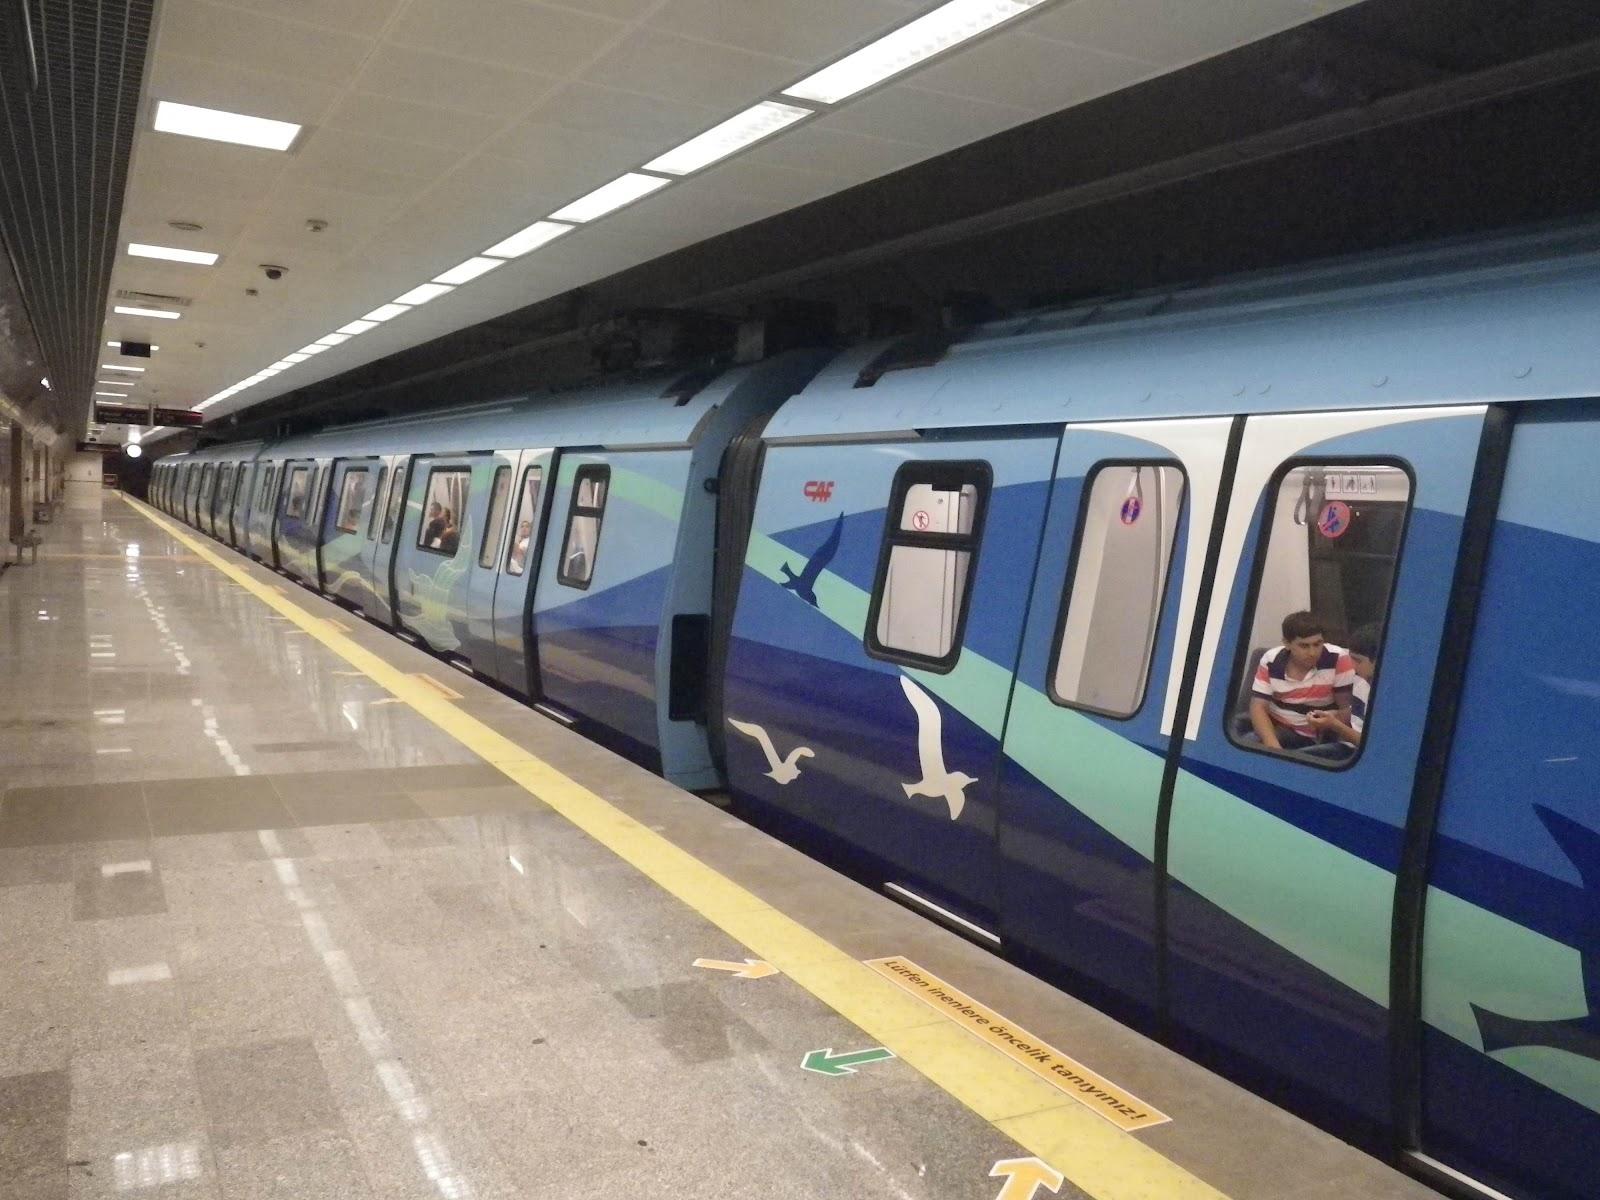 Göztepe-Ataşehir-Ümraniye Metrosu'nun inşaatı bu ay başlıyor!